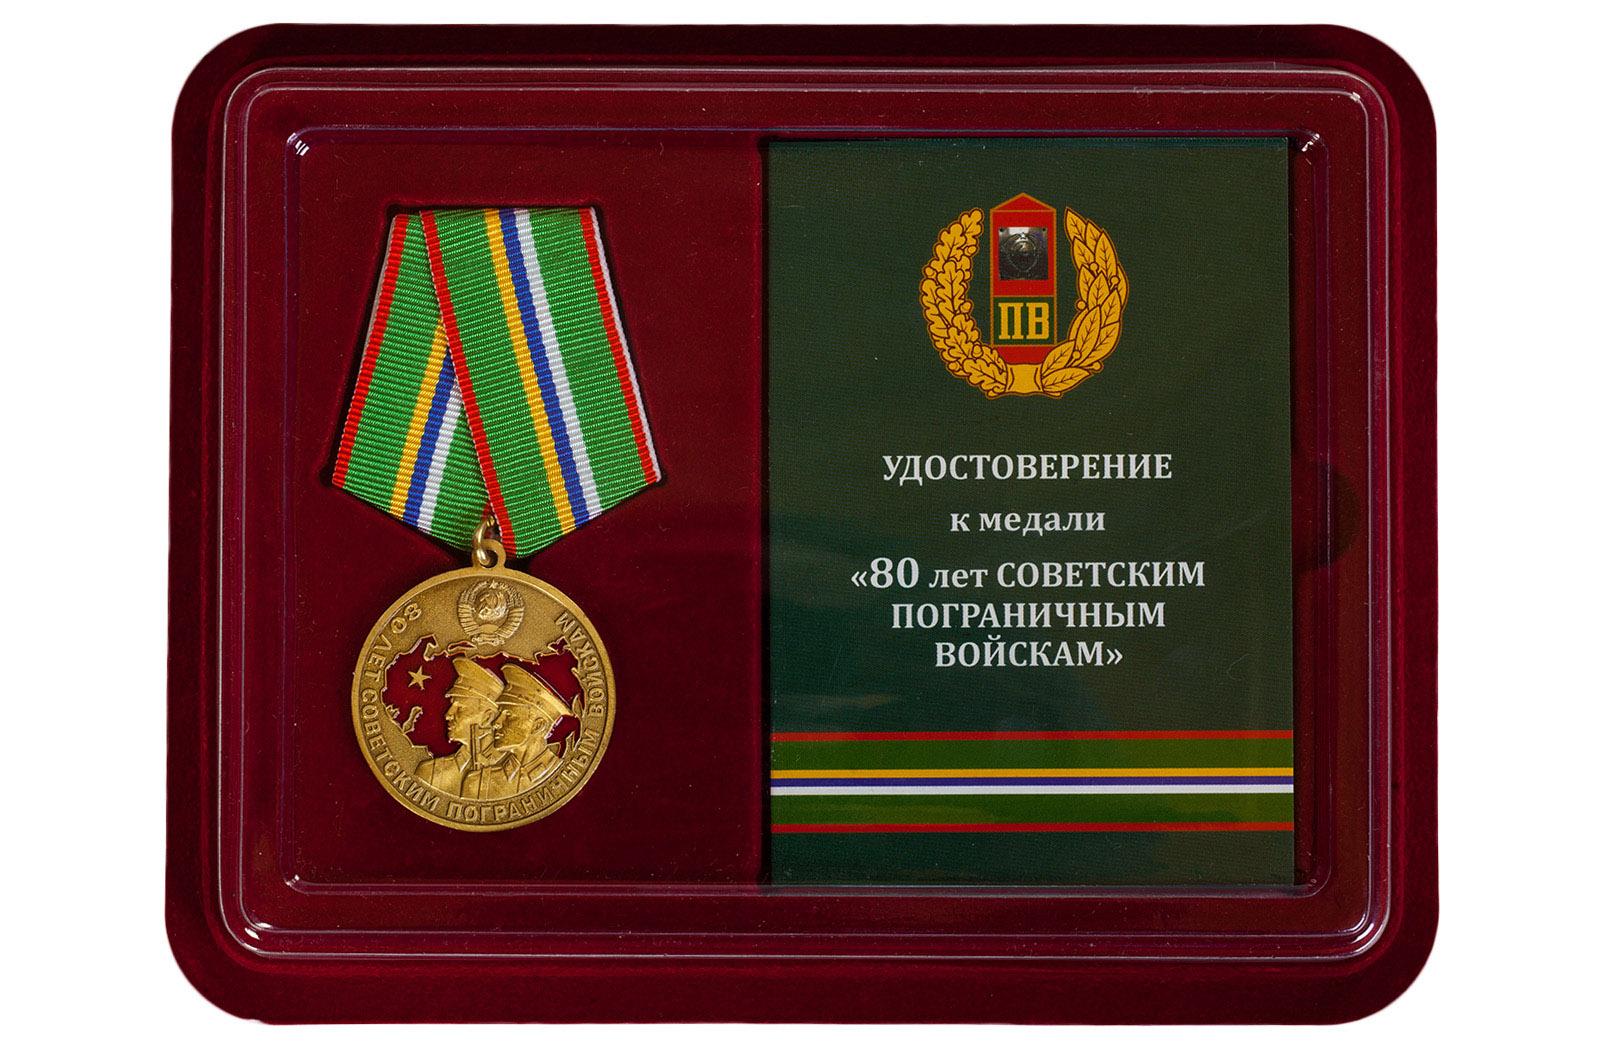 Памятная медаль 80 лет Пограничным войскам - в футляре с удостоверением